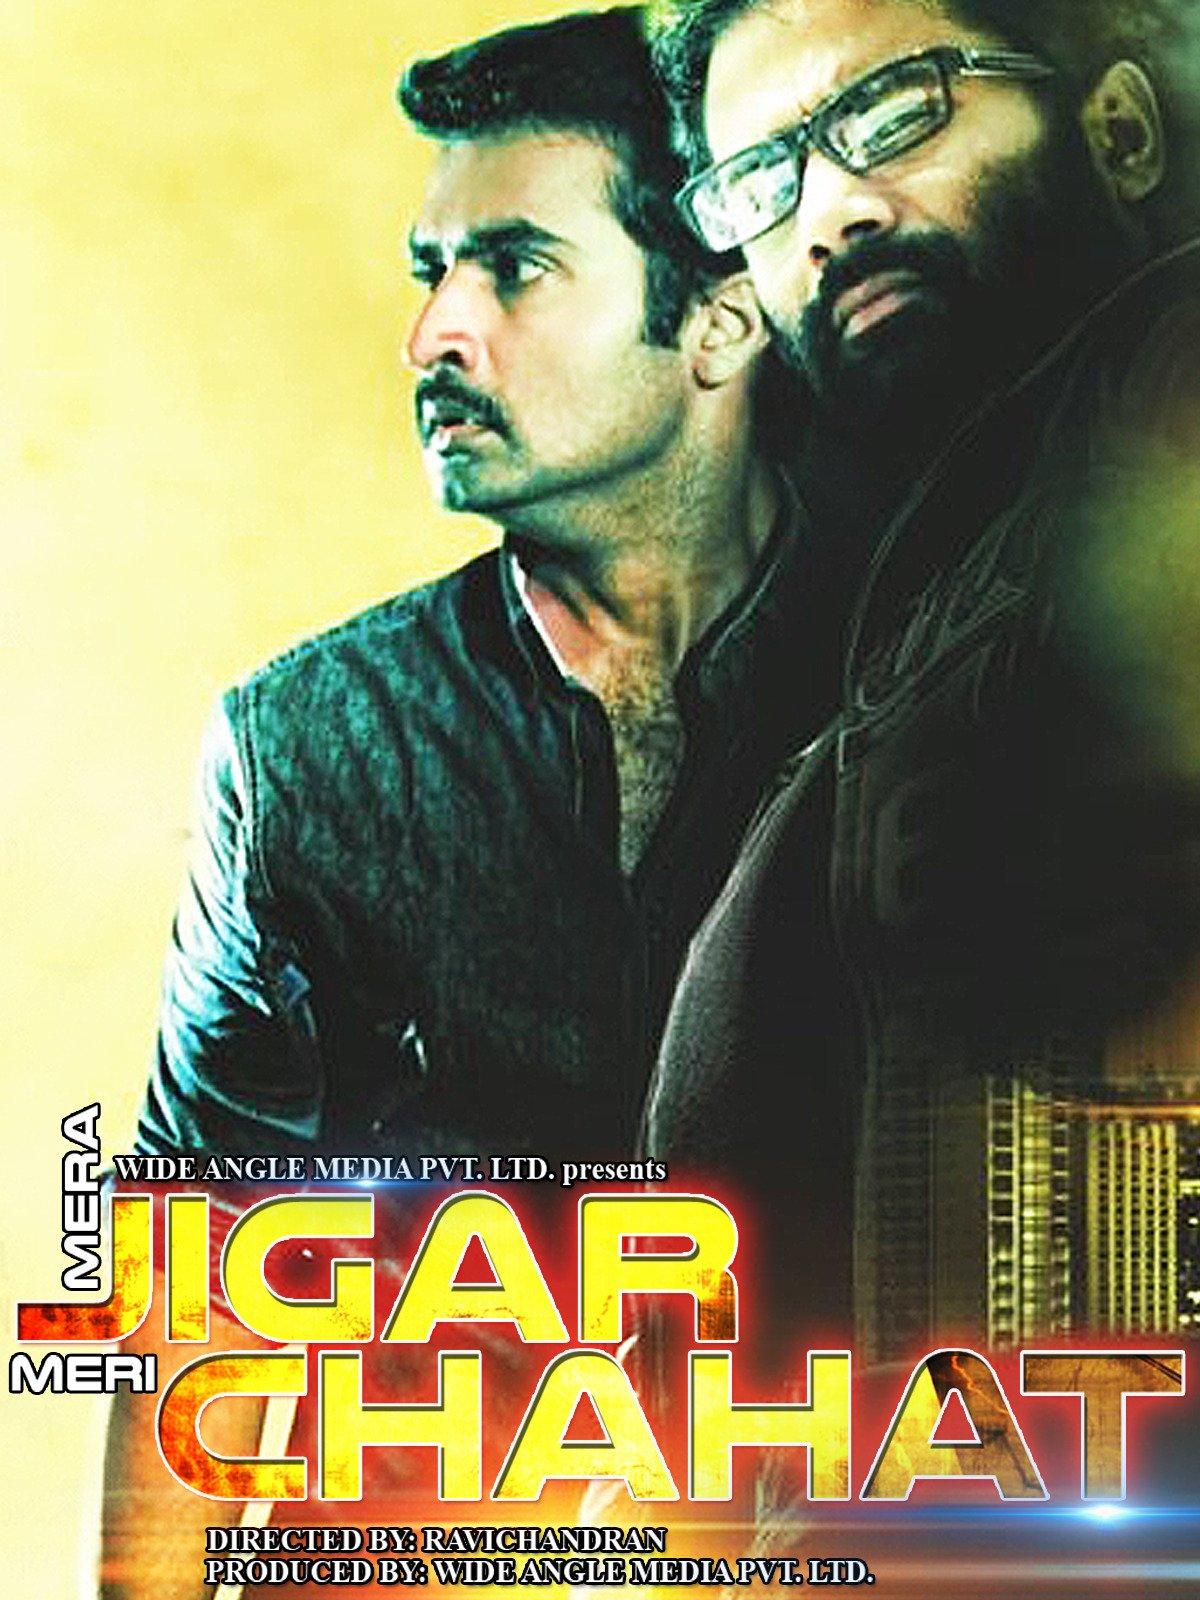 Mera Jigar Meri Chahat